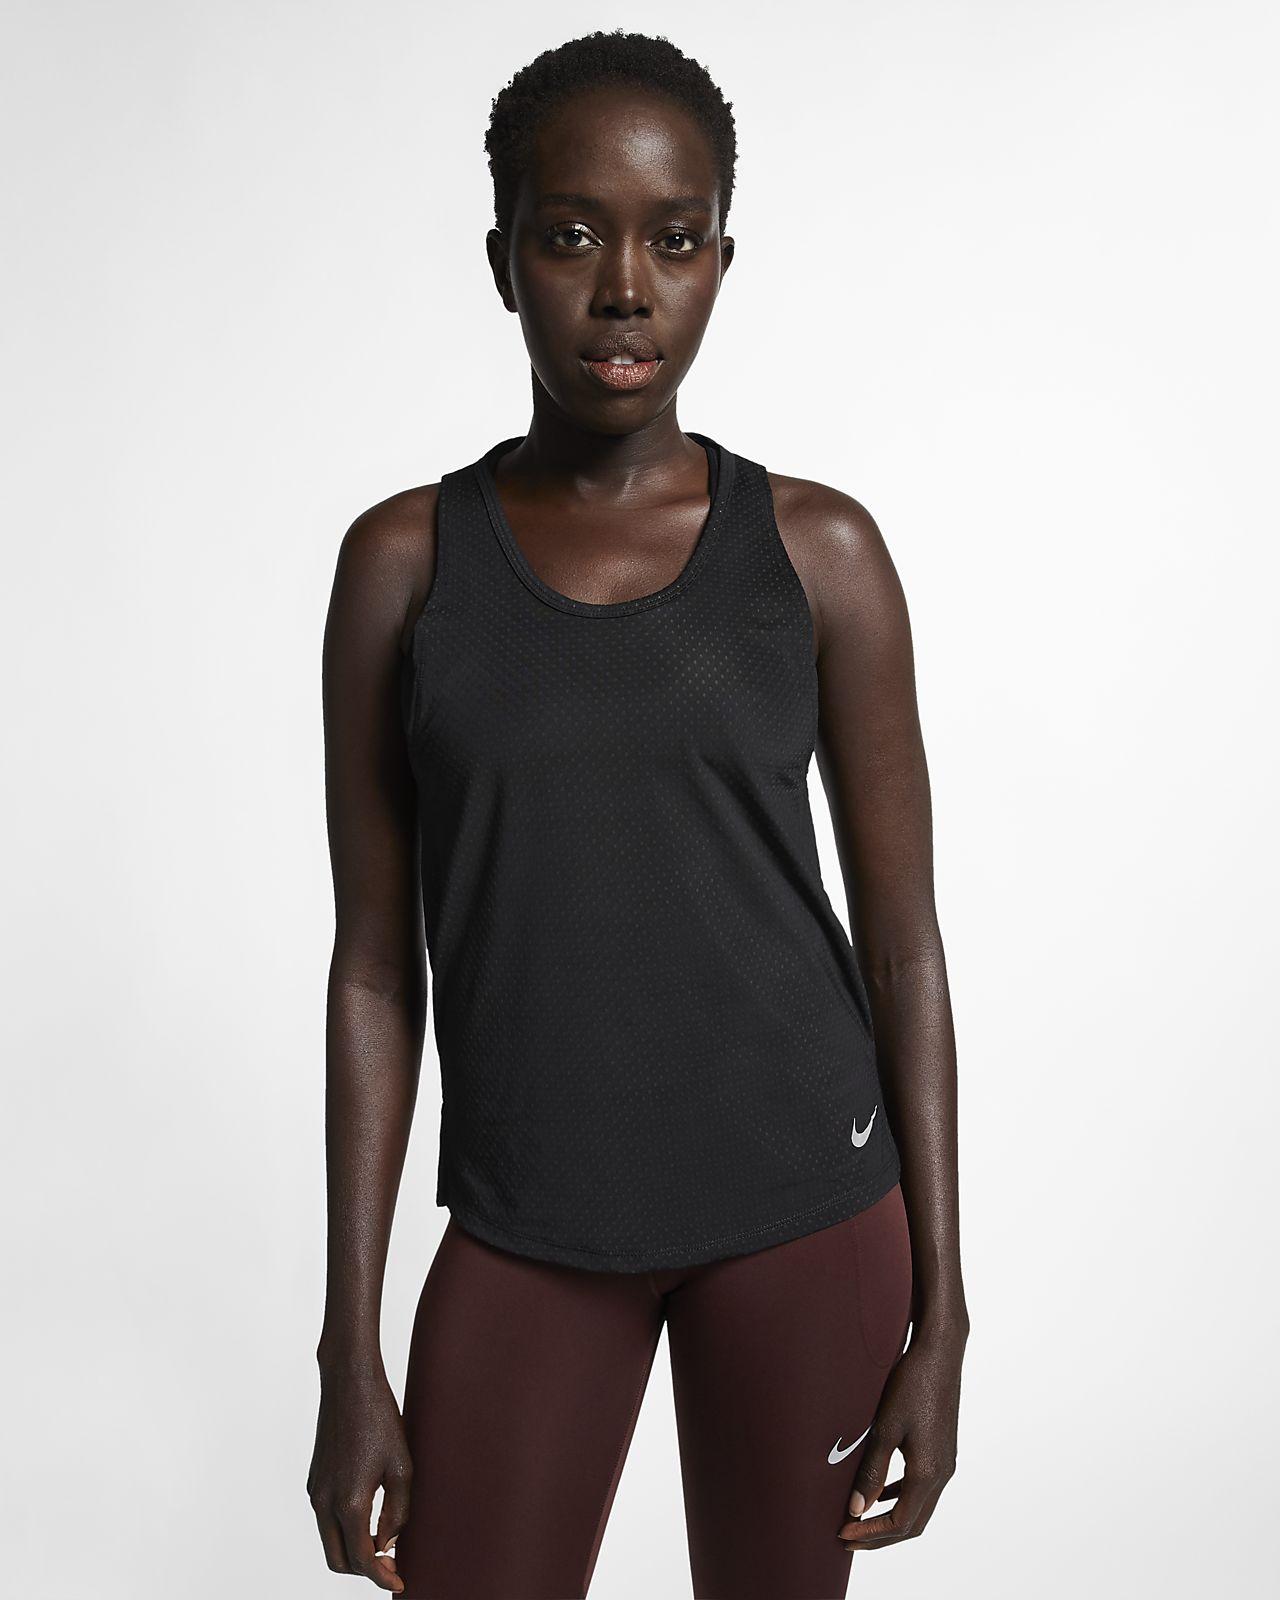 nike donna running canotta  Canotta da running Nike Breathe Miler - Donna.  IT